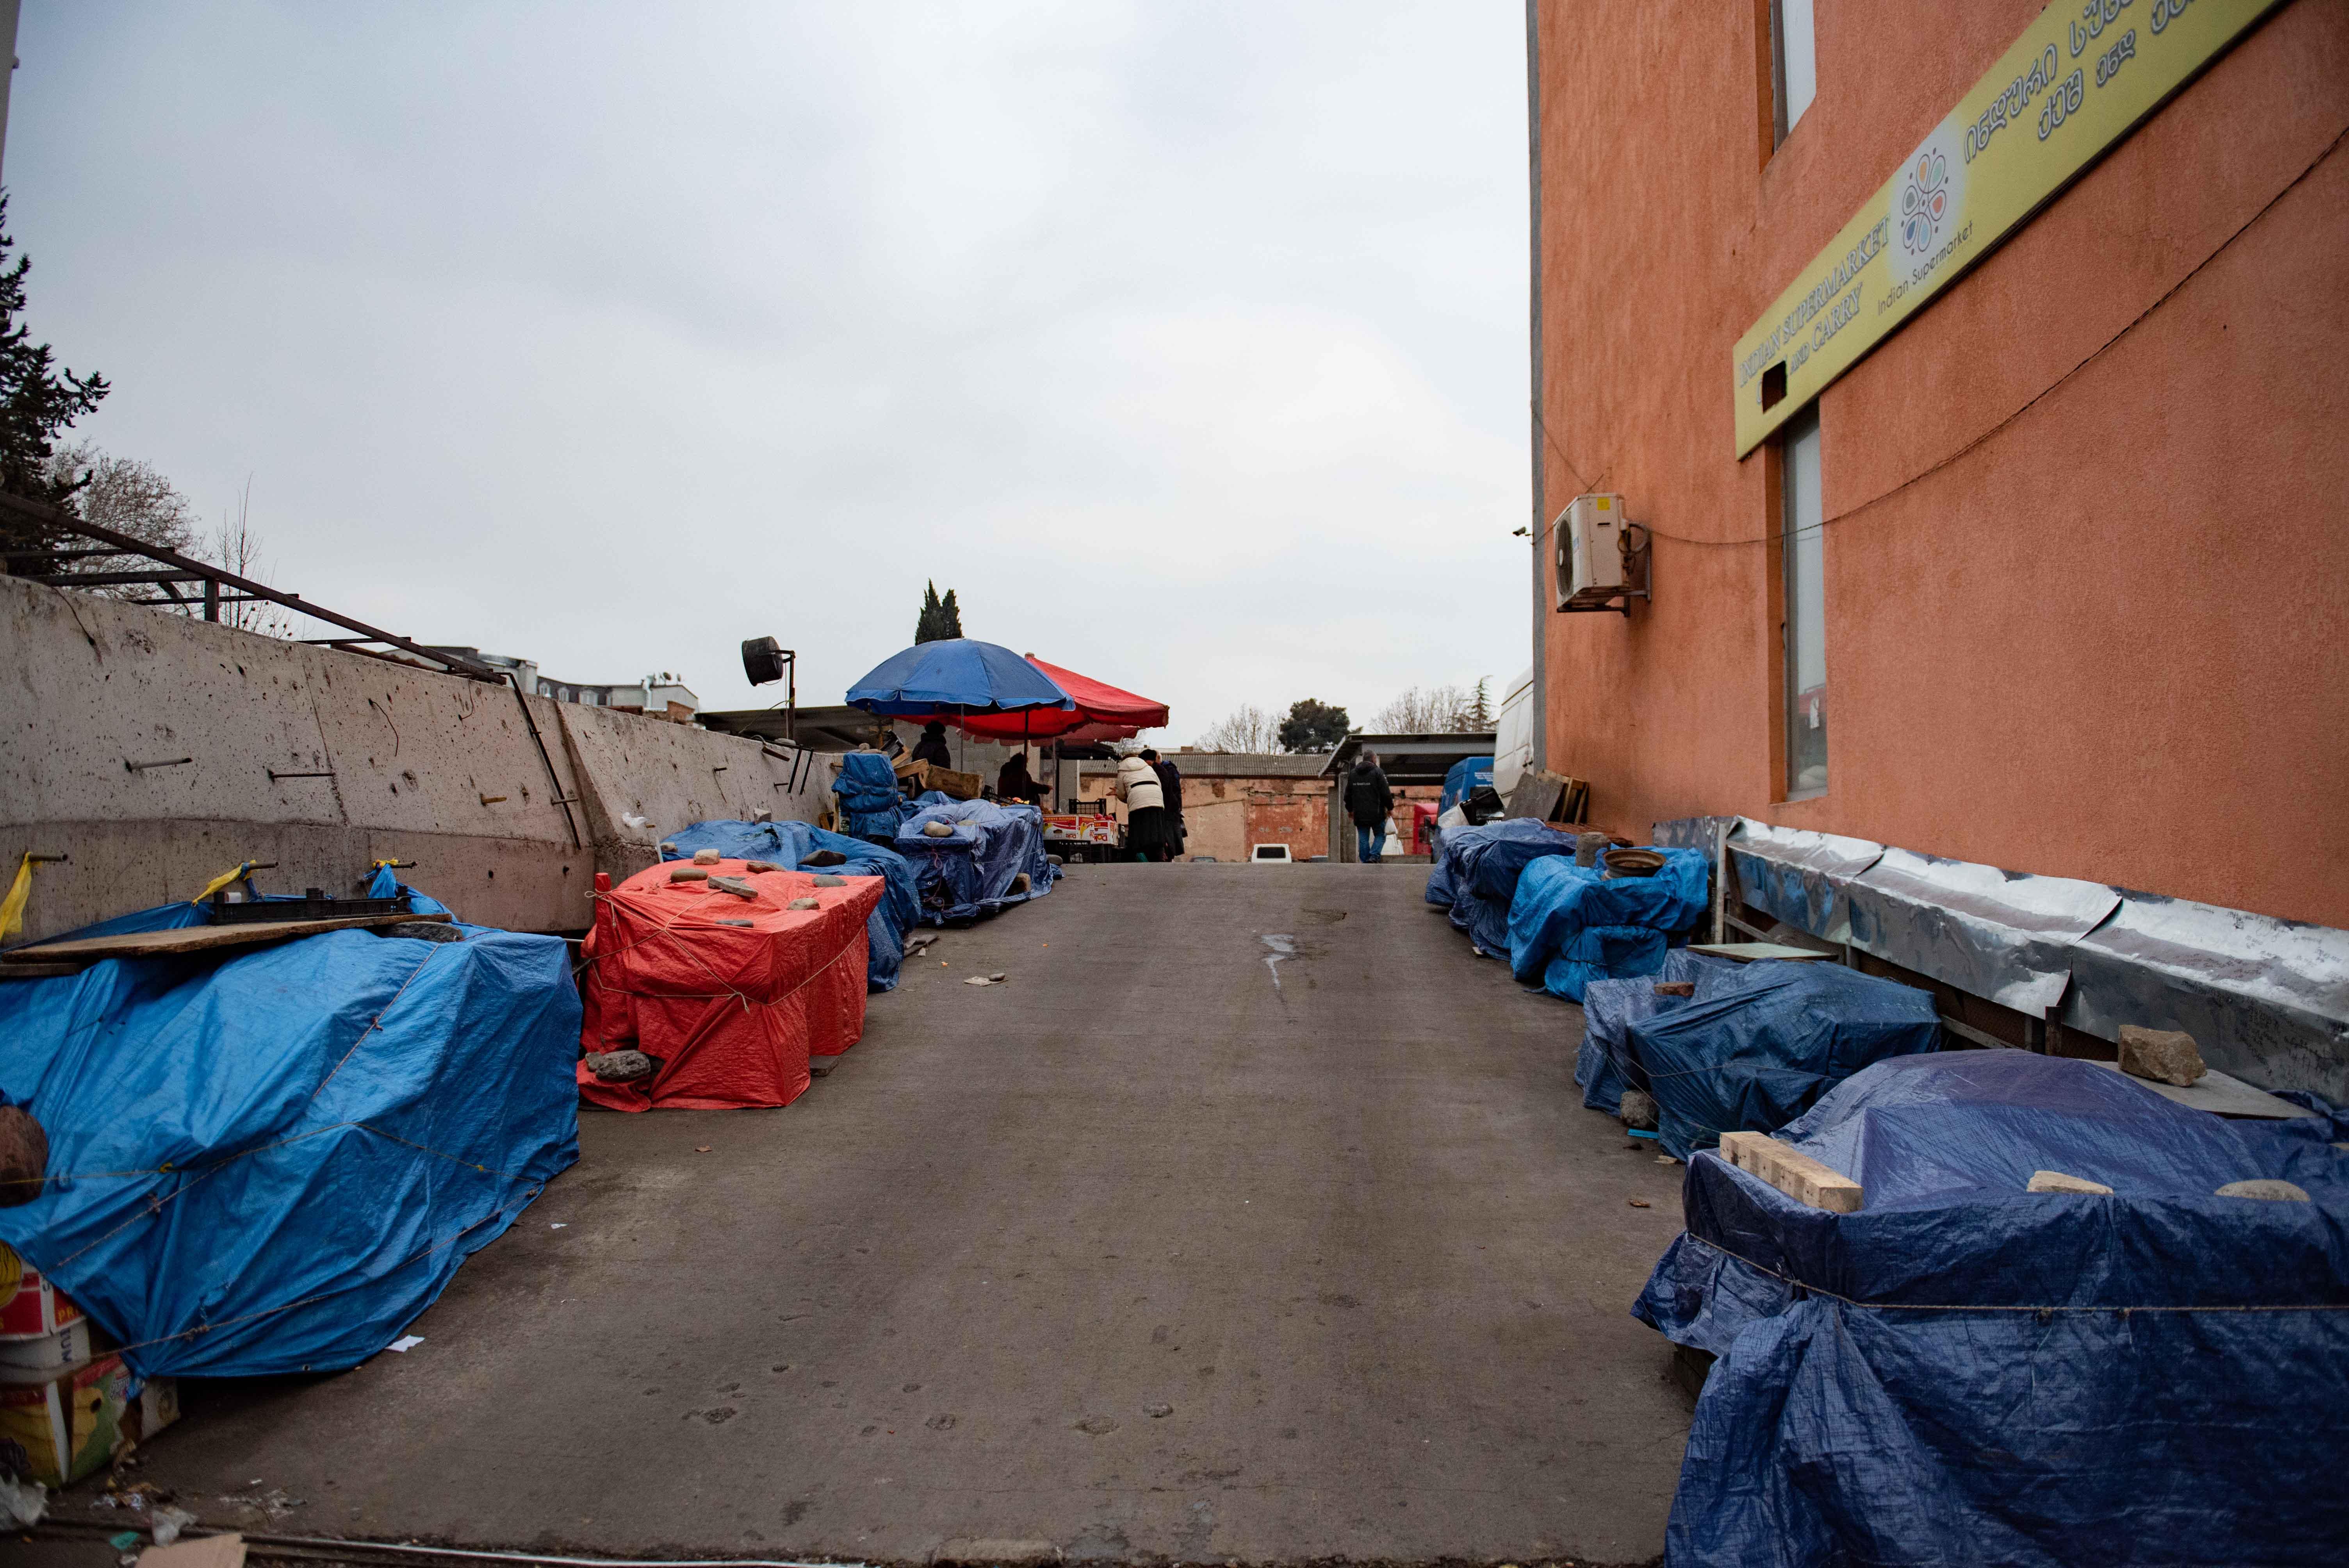 Пустые ларьки возле рынка на Вокзальной площади. Мариам Никурадзе/OC Media.